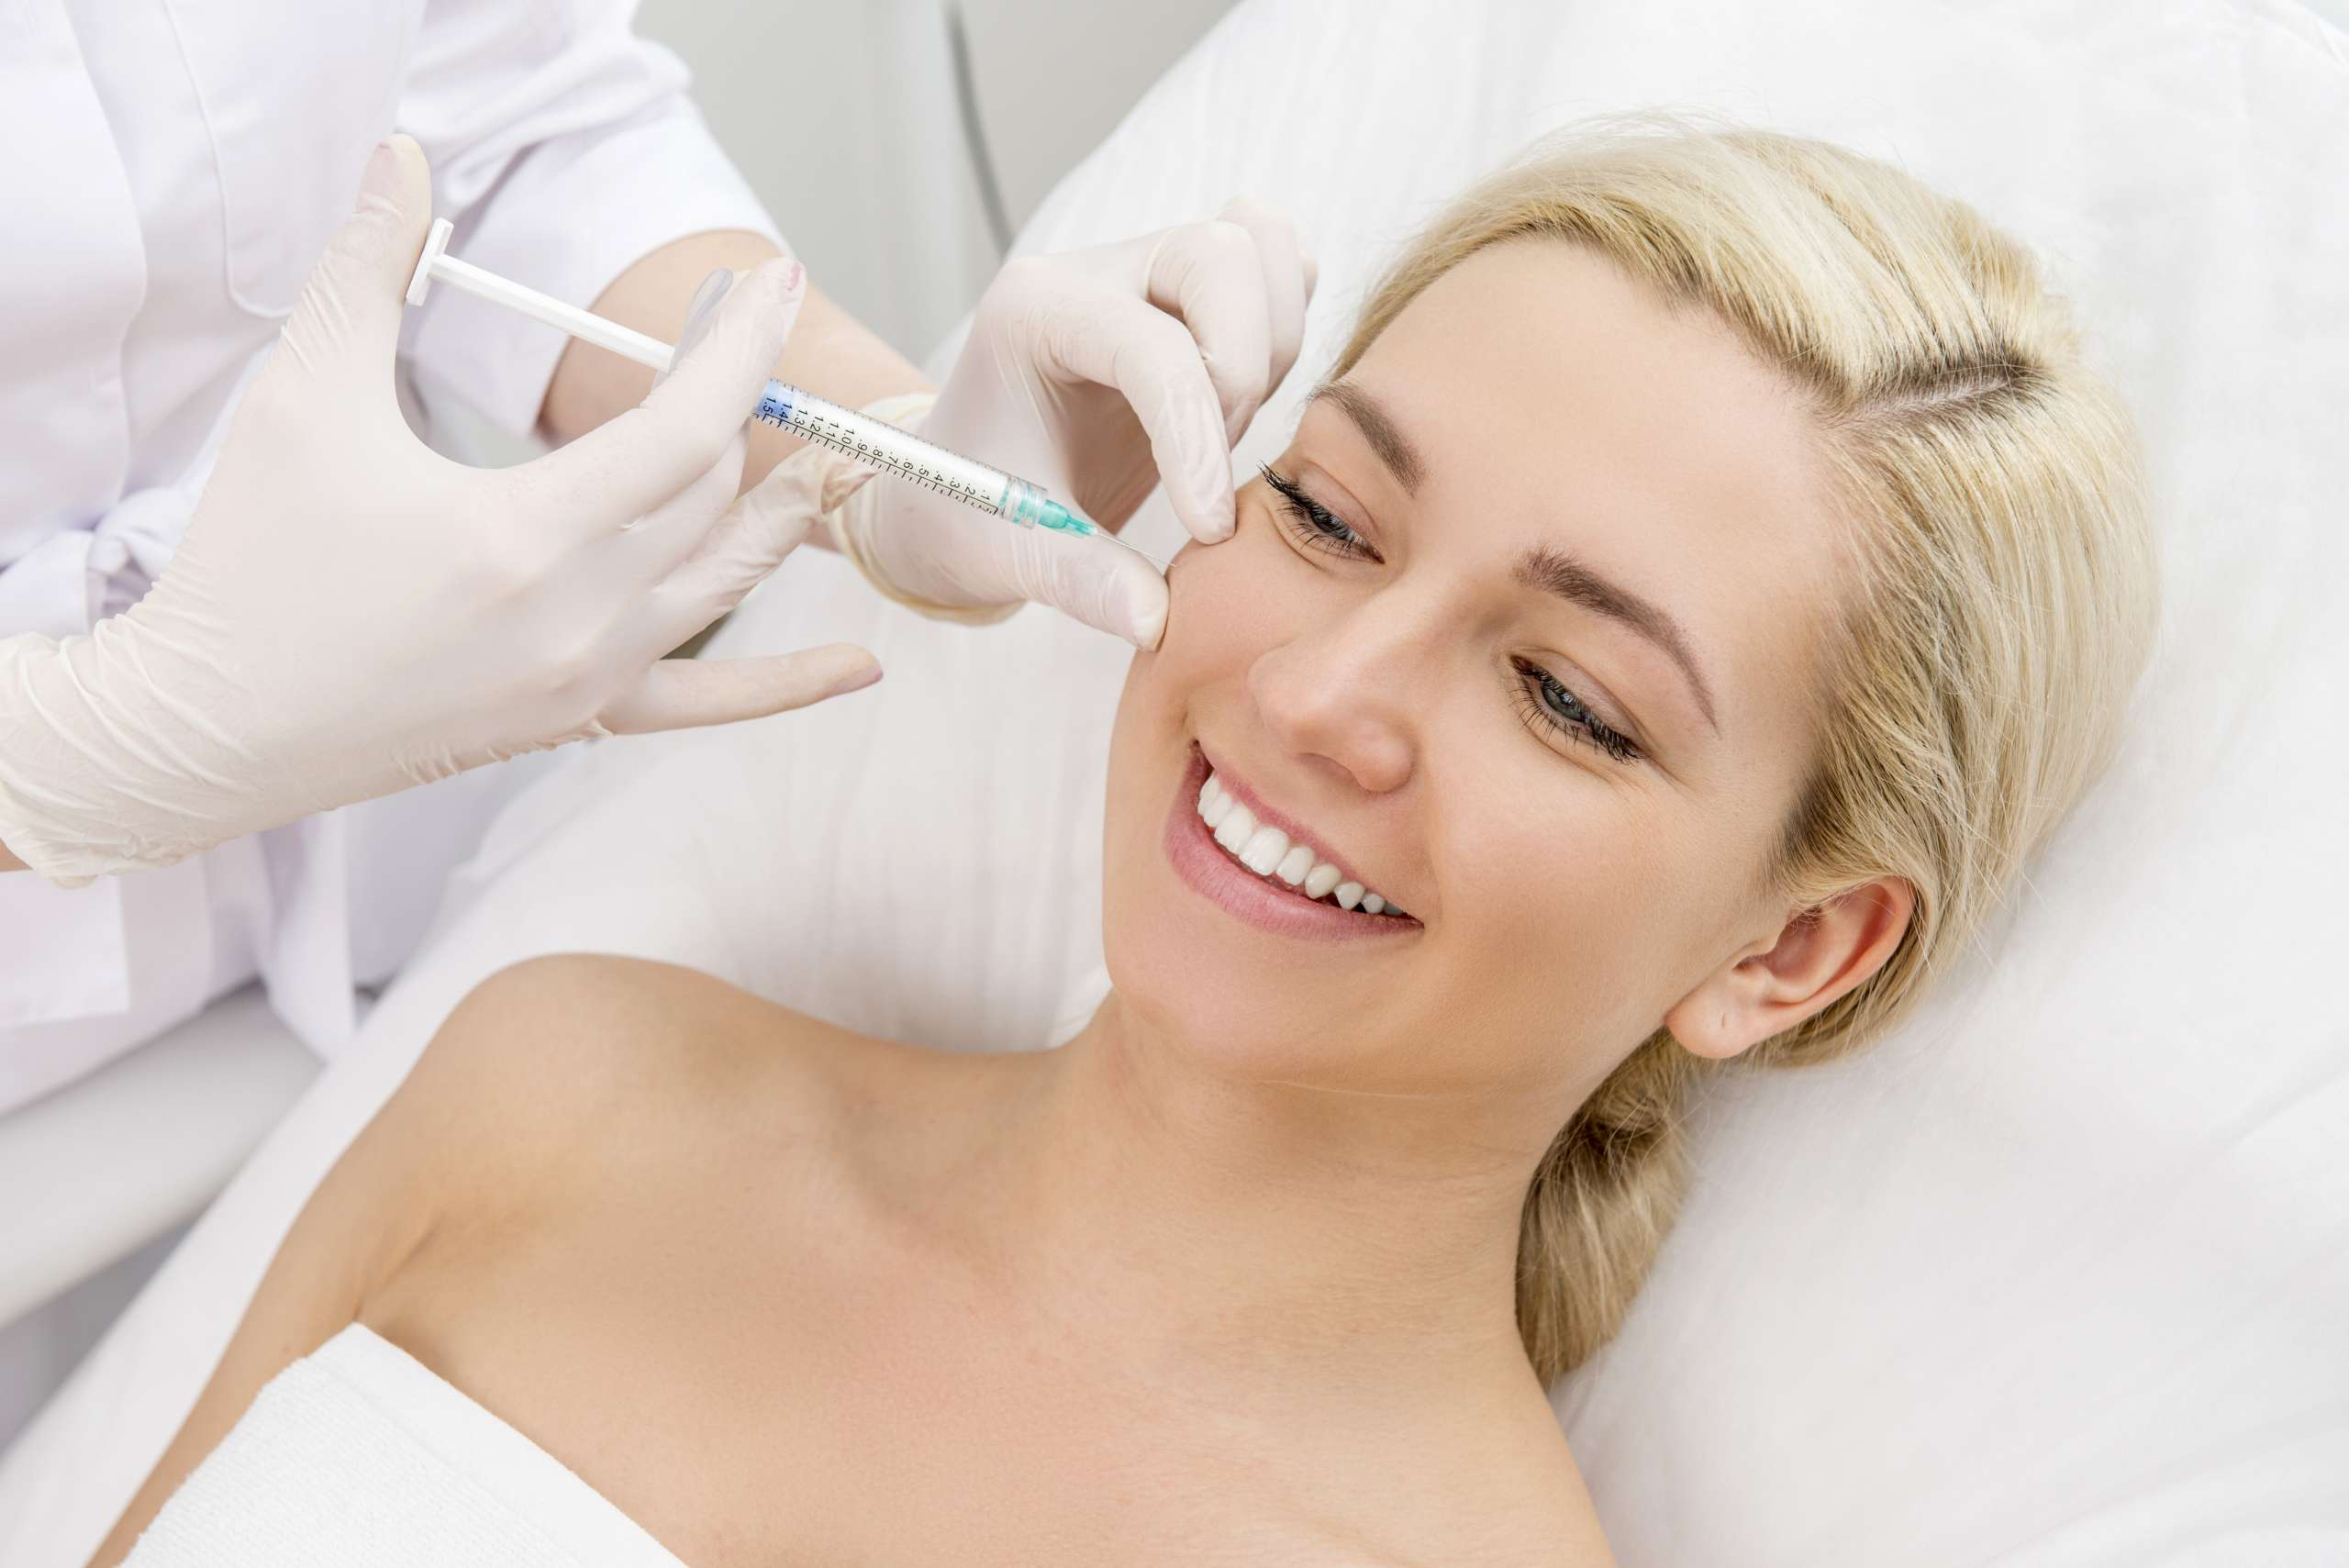 Zabiegi medycyny estetycznej z użyciem kwasu hialuronowego